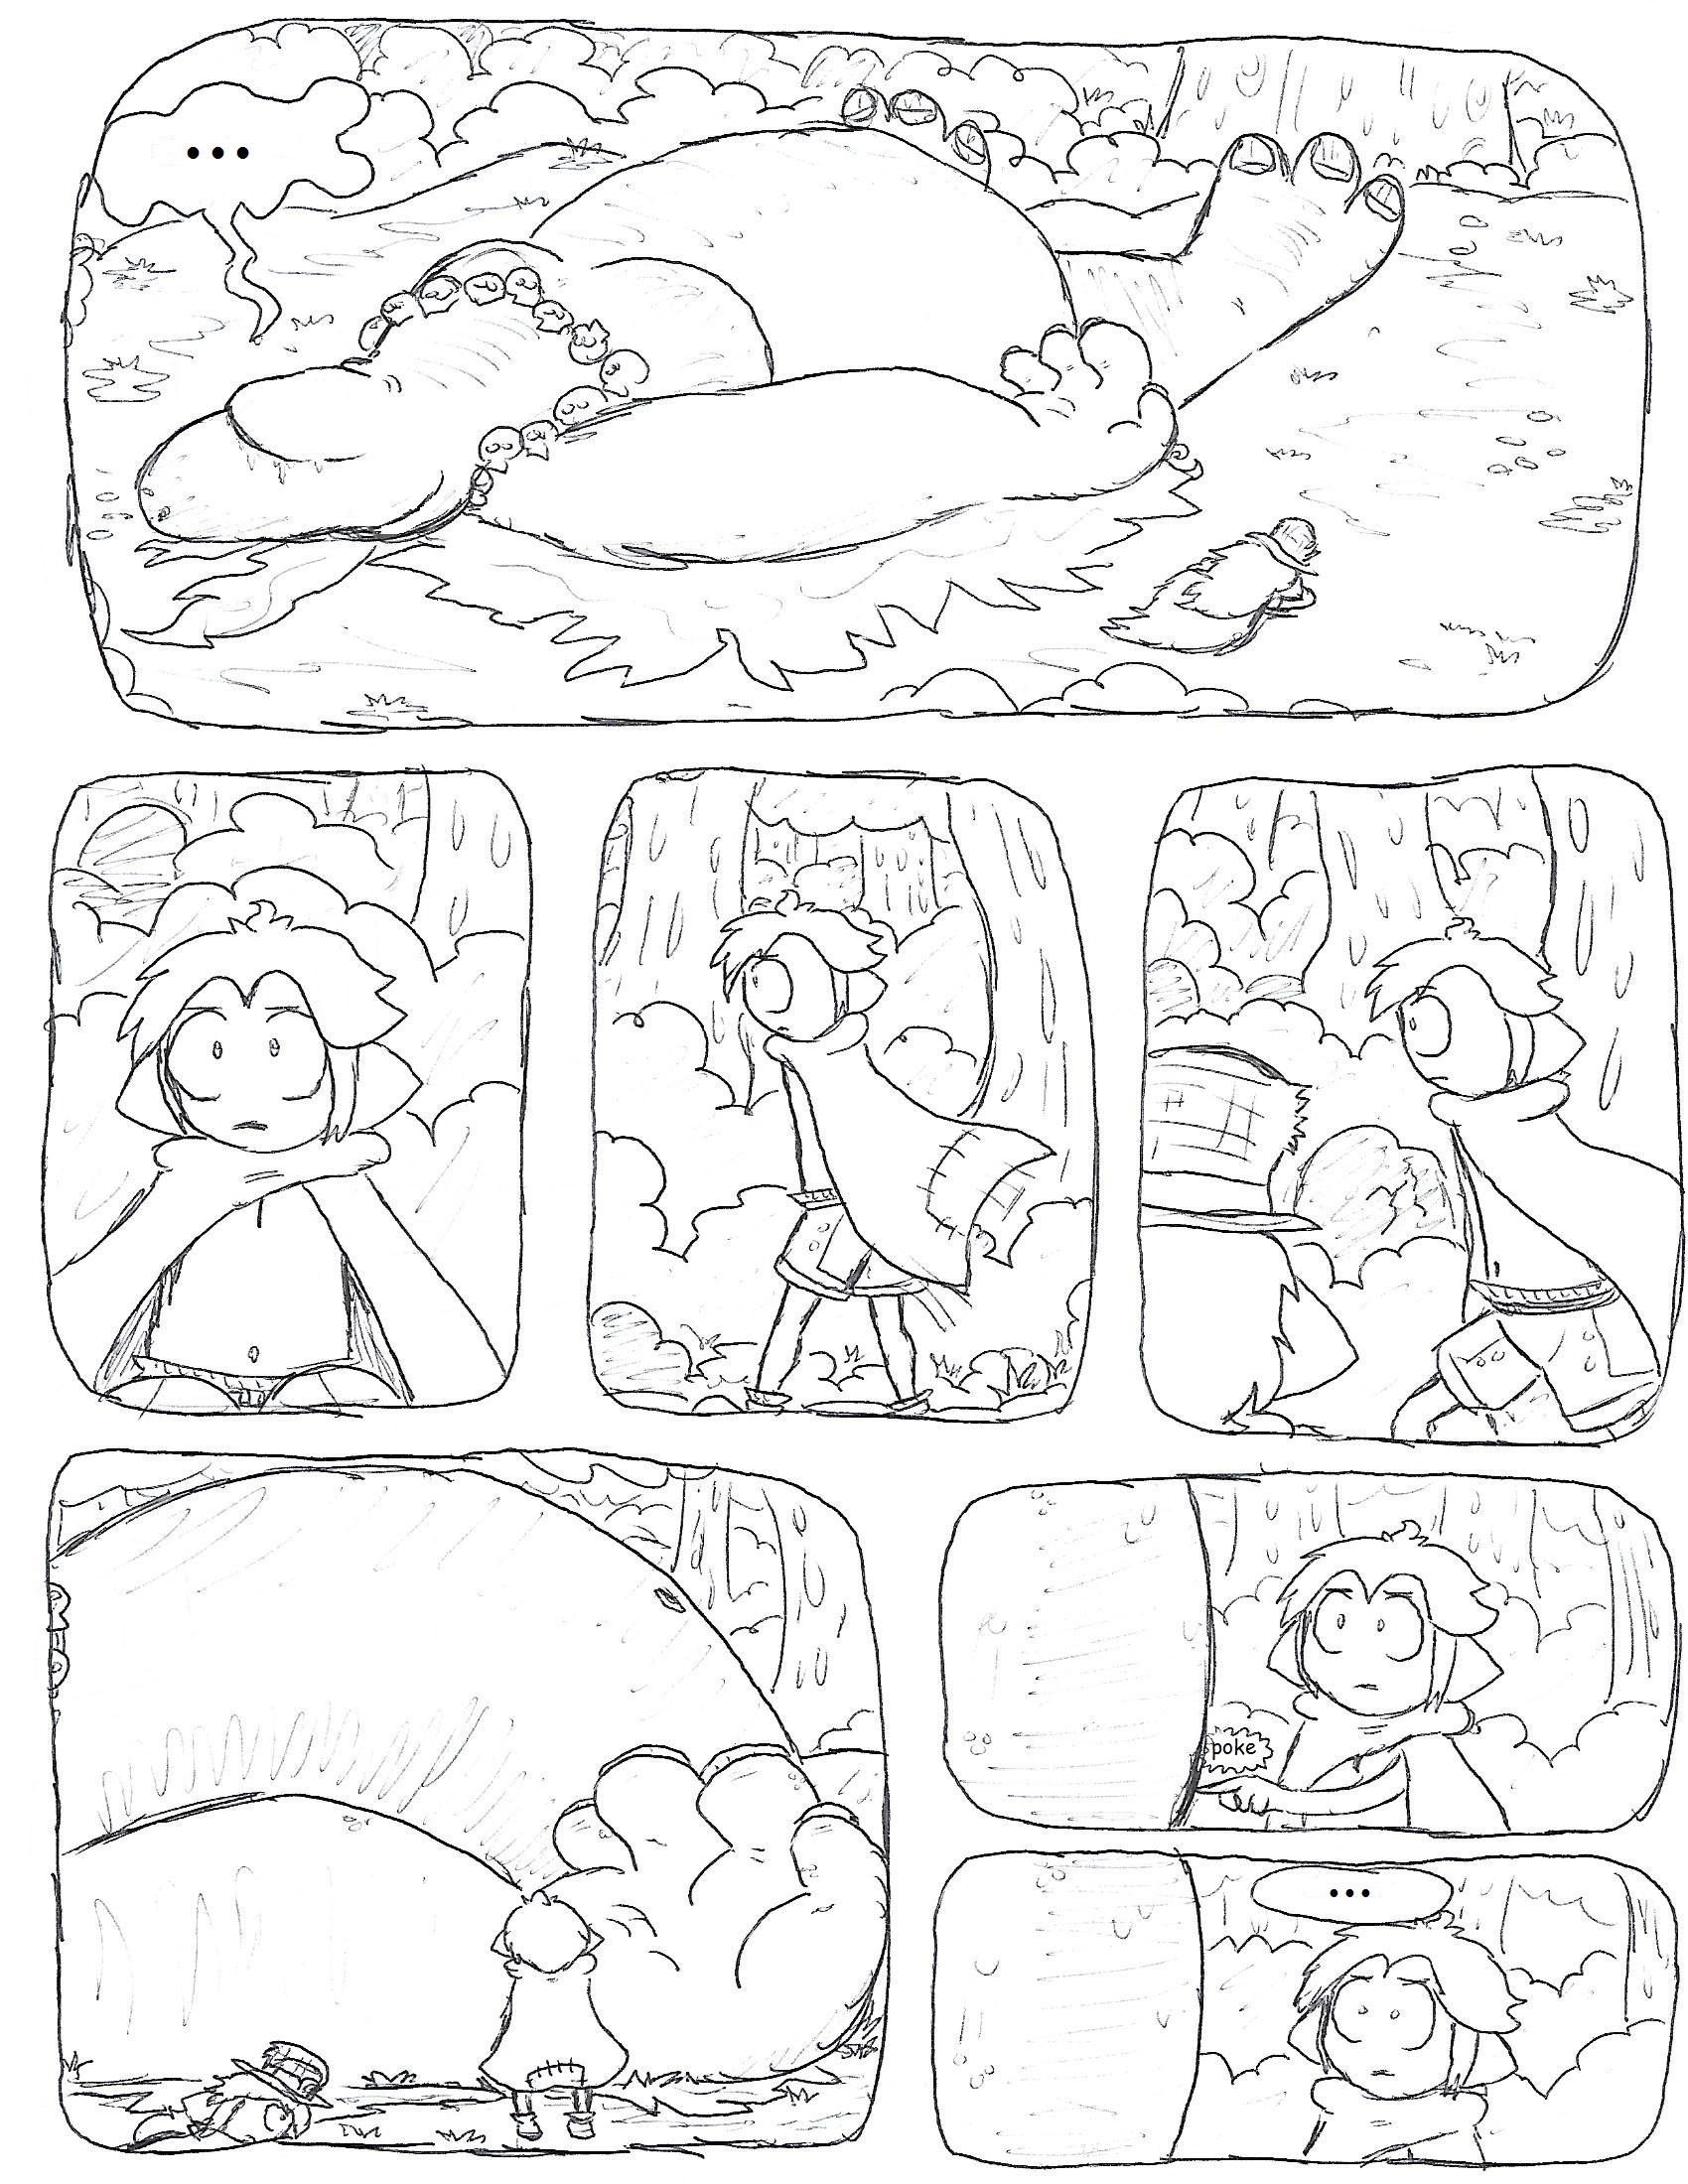 COV3 Page 69